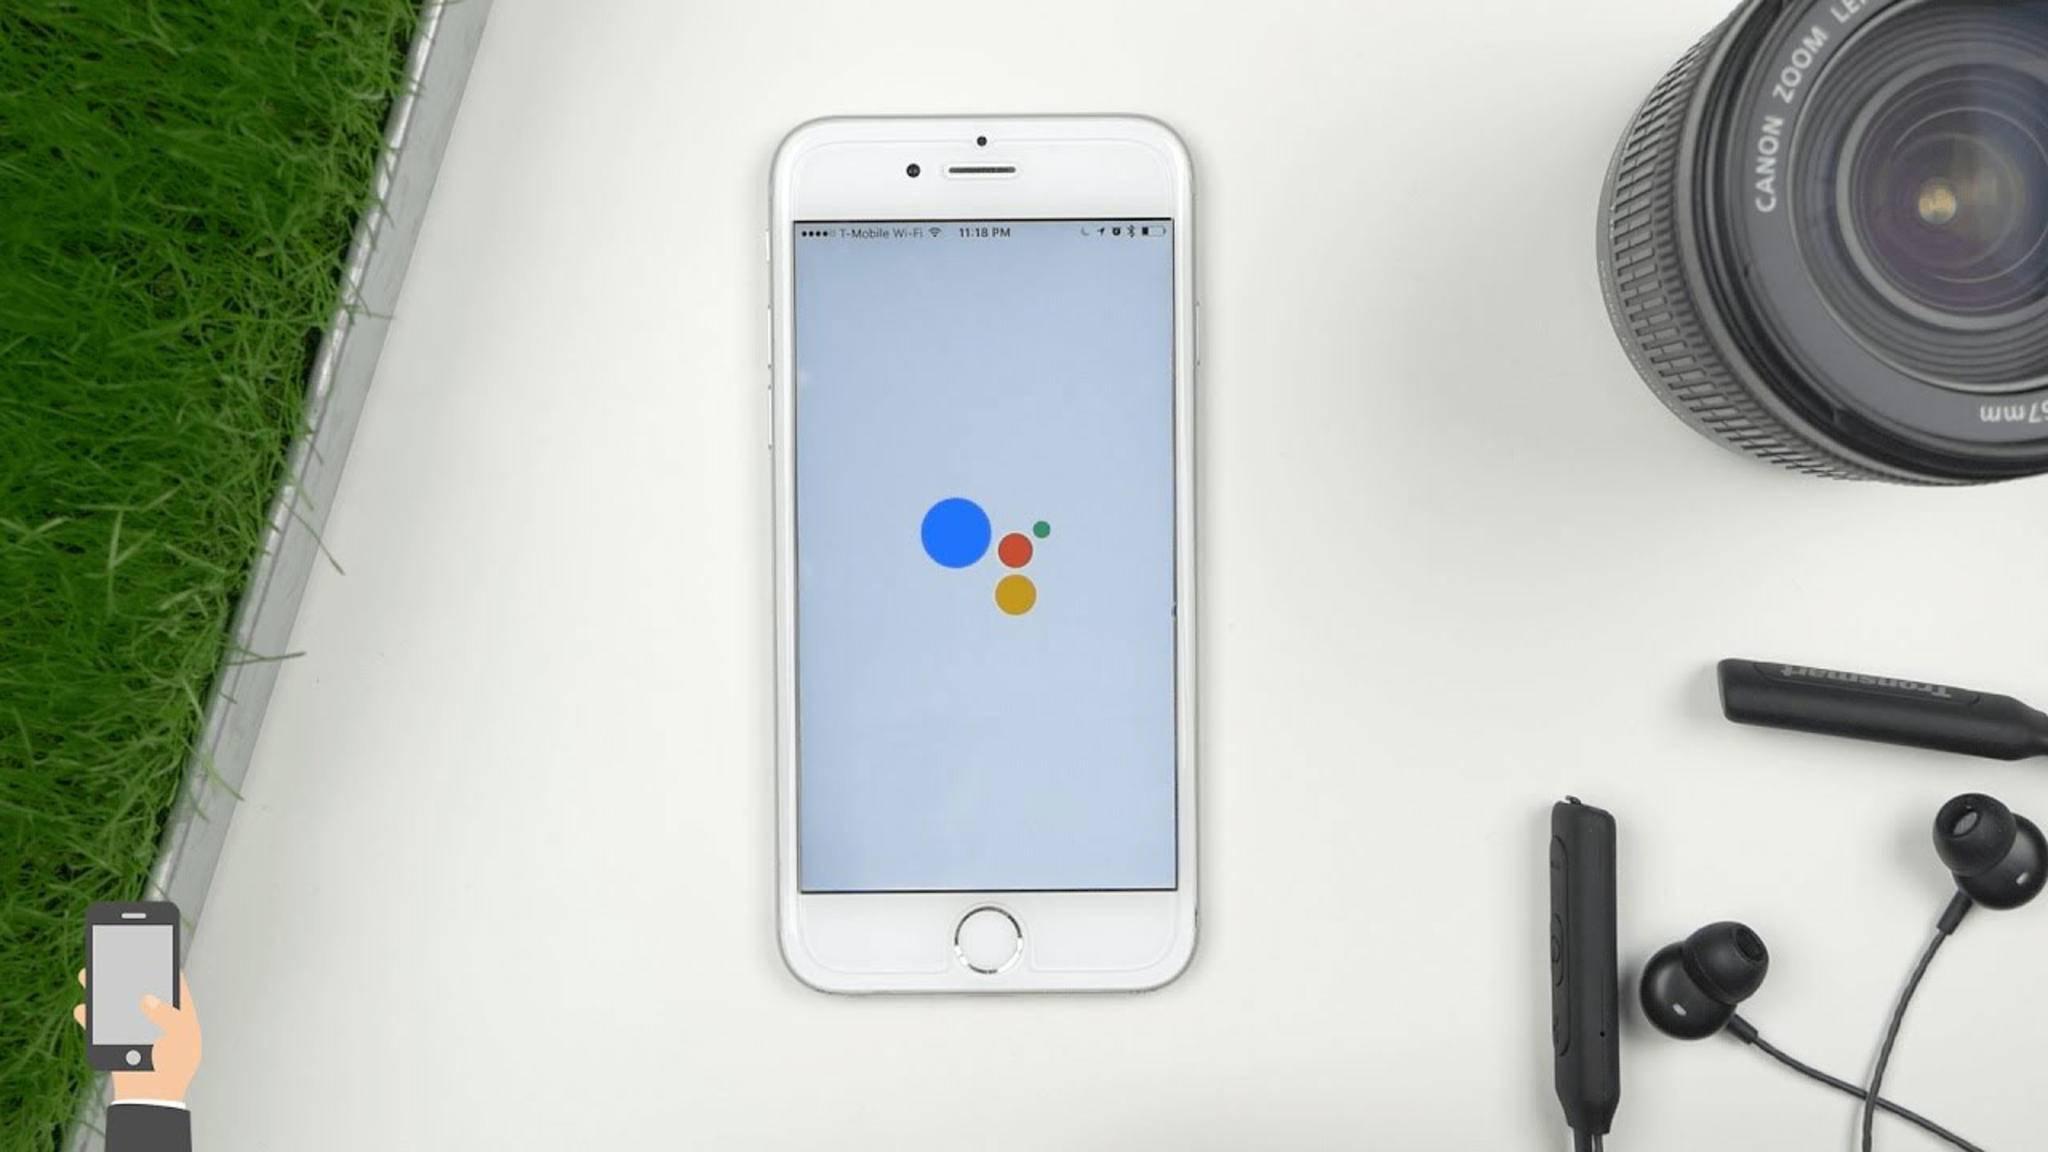 Wir verraten, wie Du den Google Assistant auf Deinem iPhone nutzen kannst – noch vor dem offiziellen Deutschland-Start.